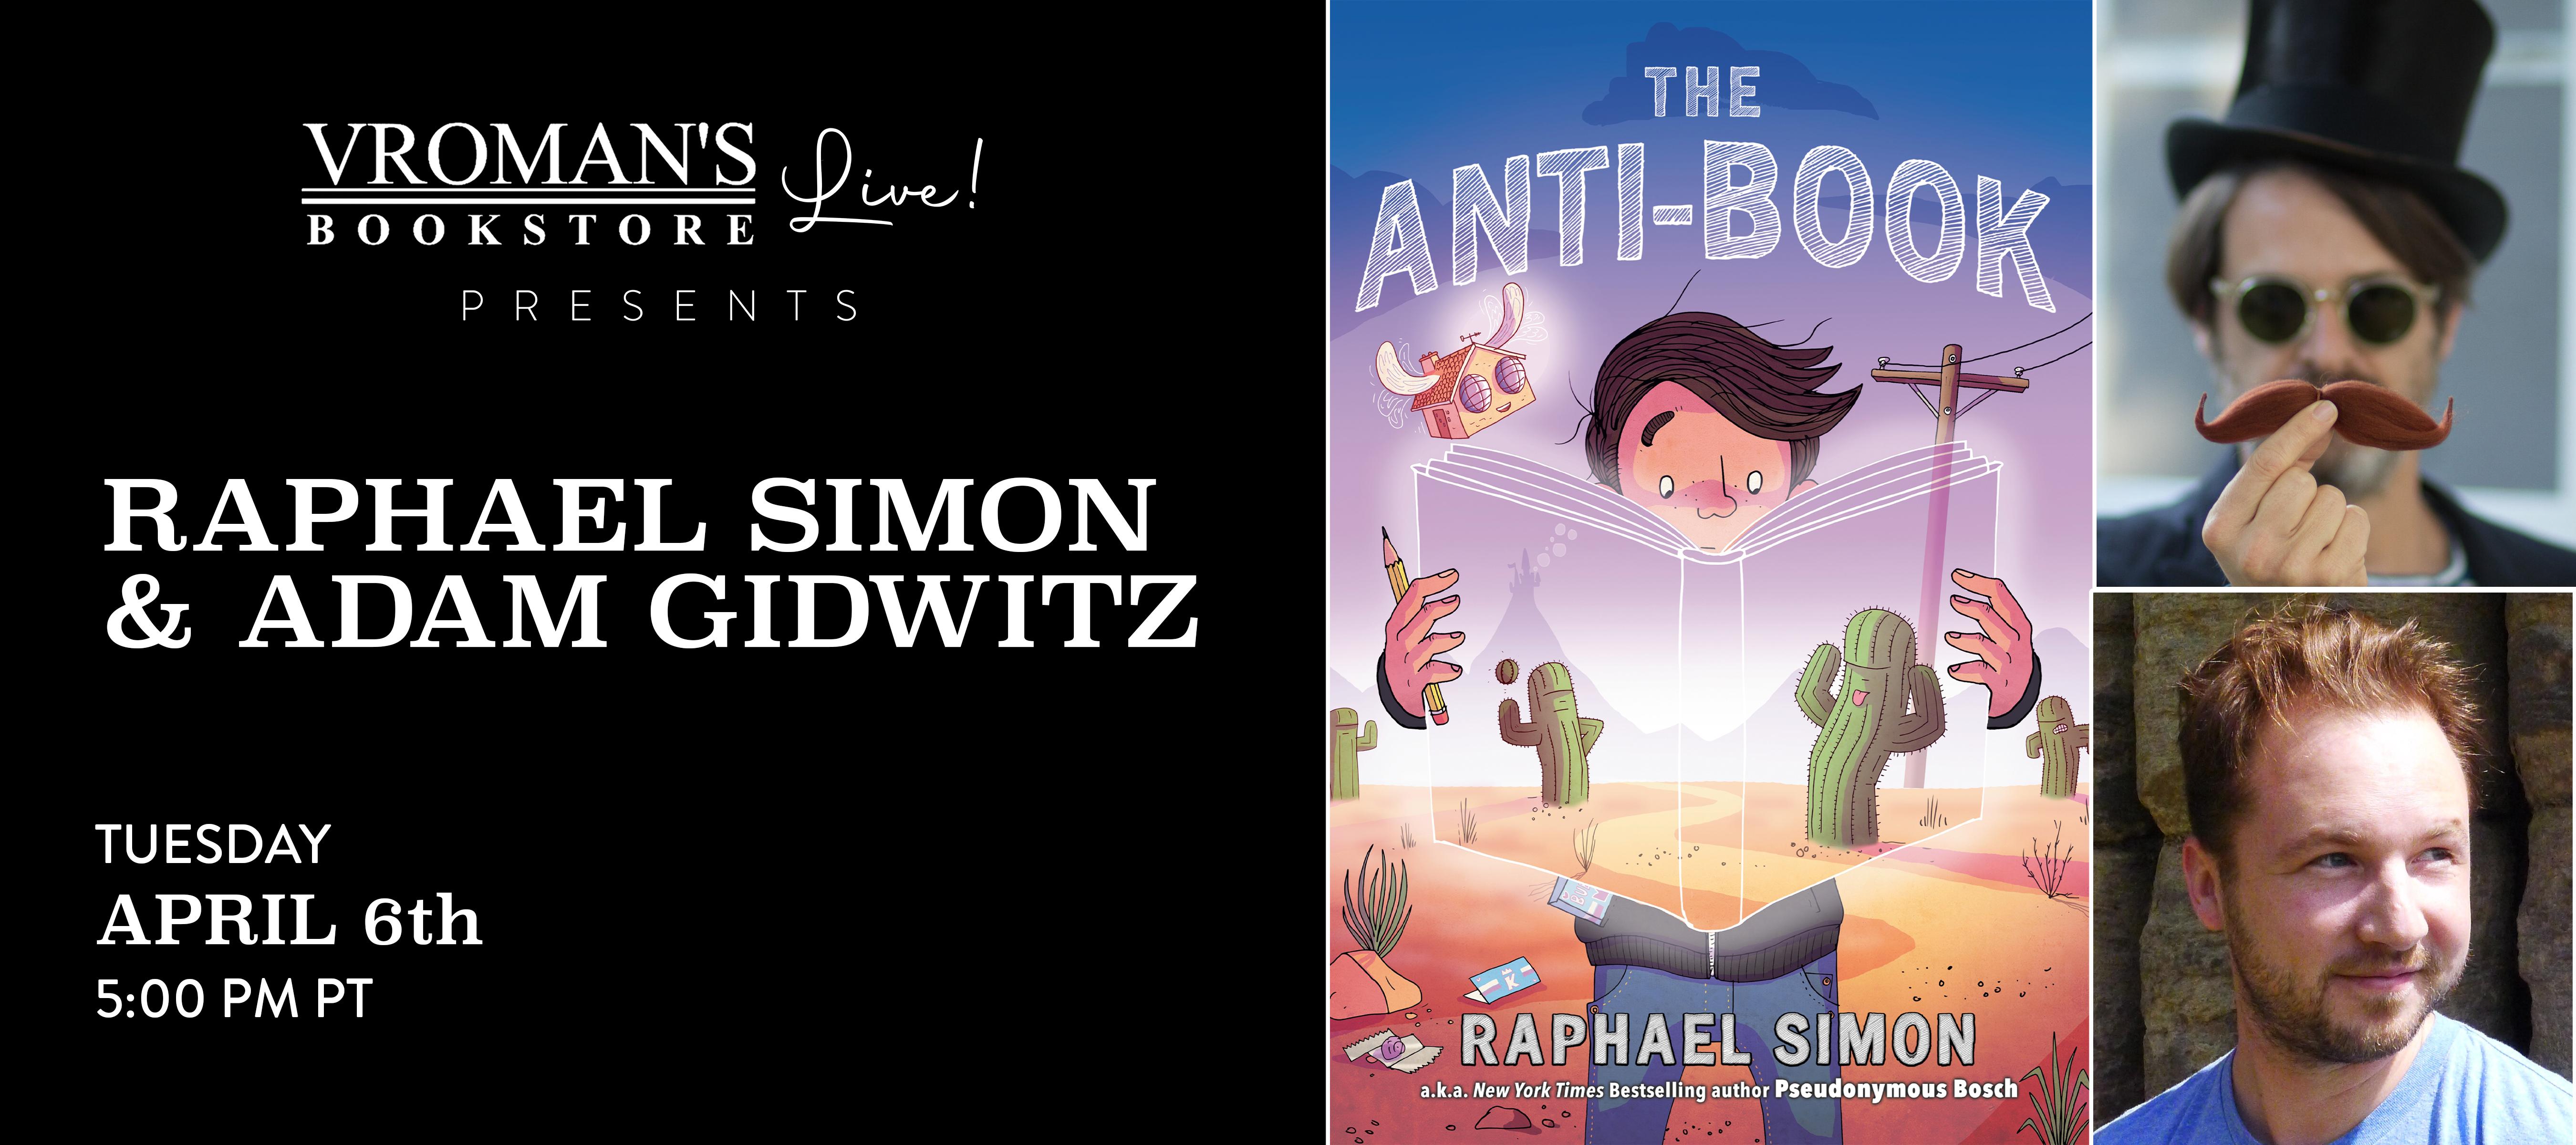 Raphael Simon & Adam Gidwitz on Tuesday April 6 at 5pm